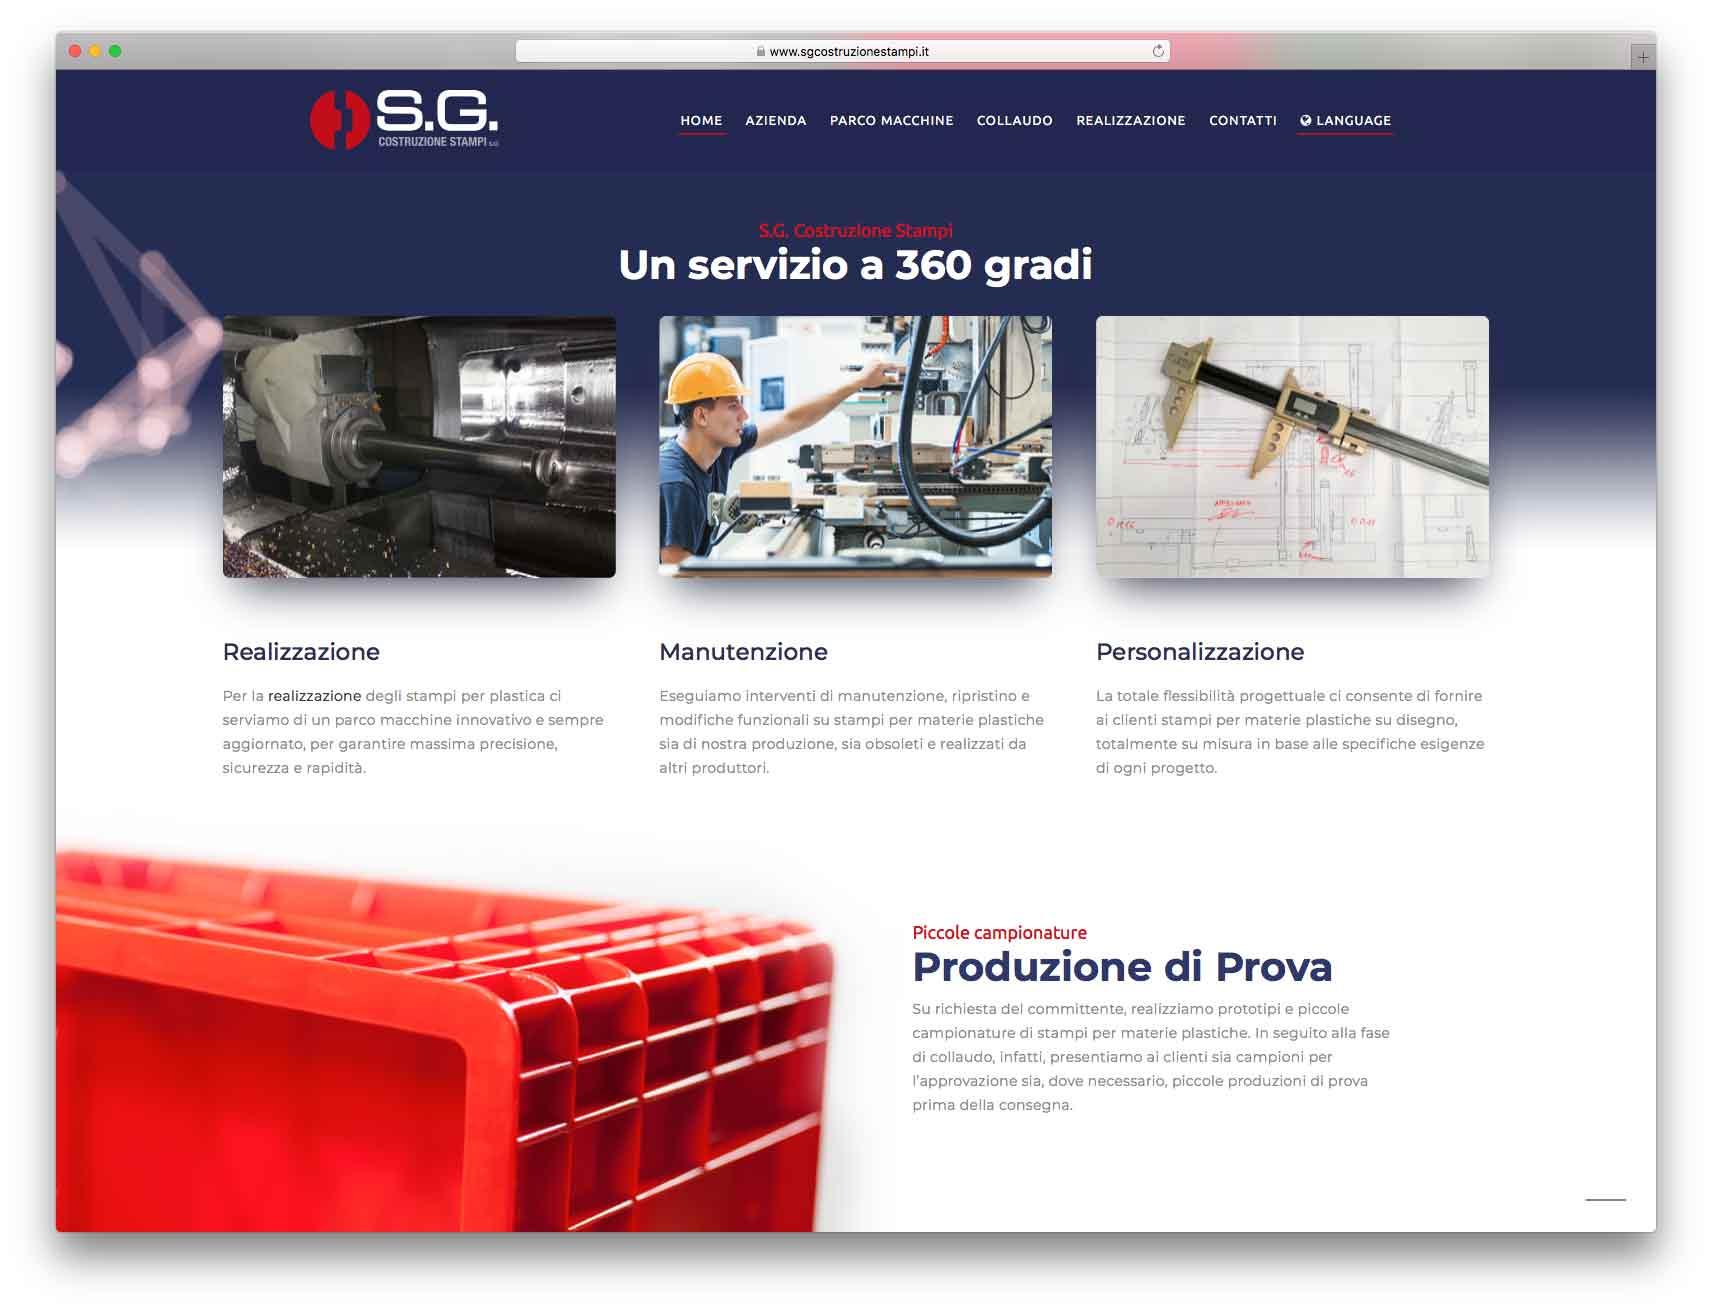 creazione siti web brescia - Agenzia P - sito web SG Costruzione Stampi